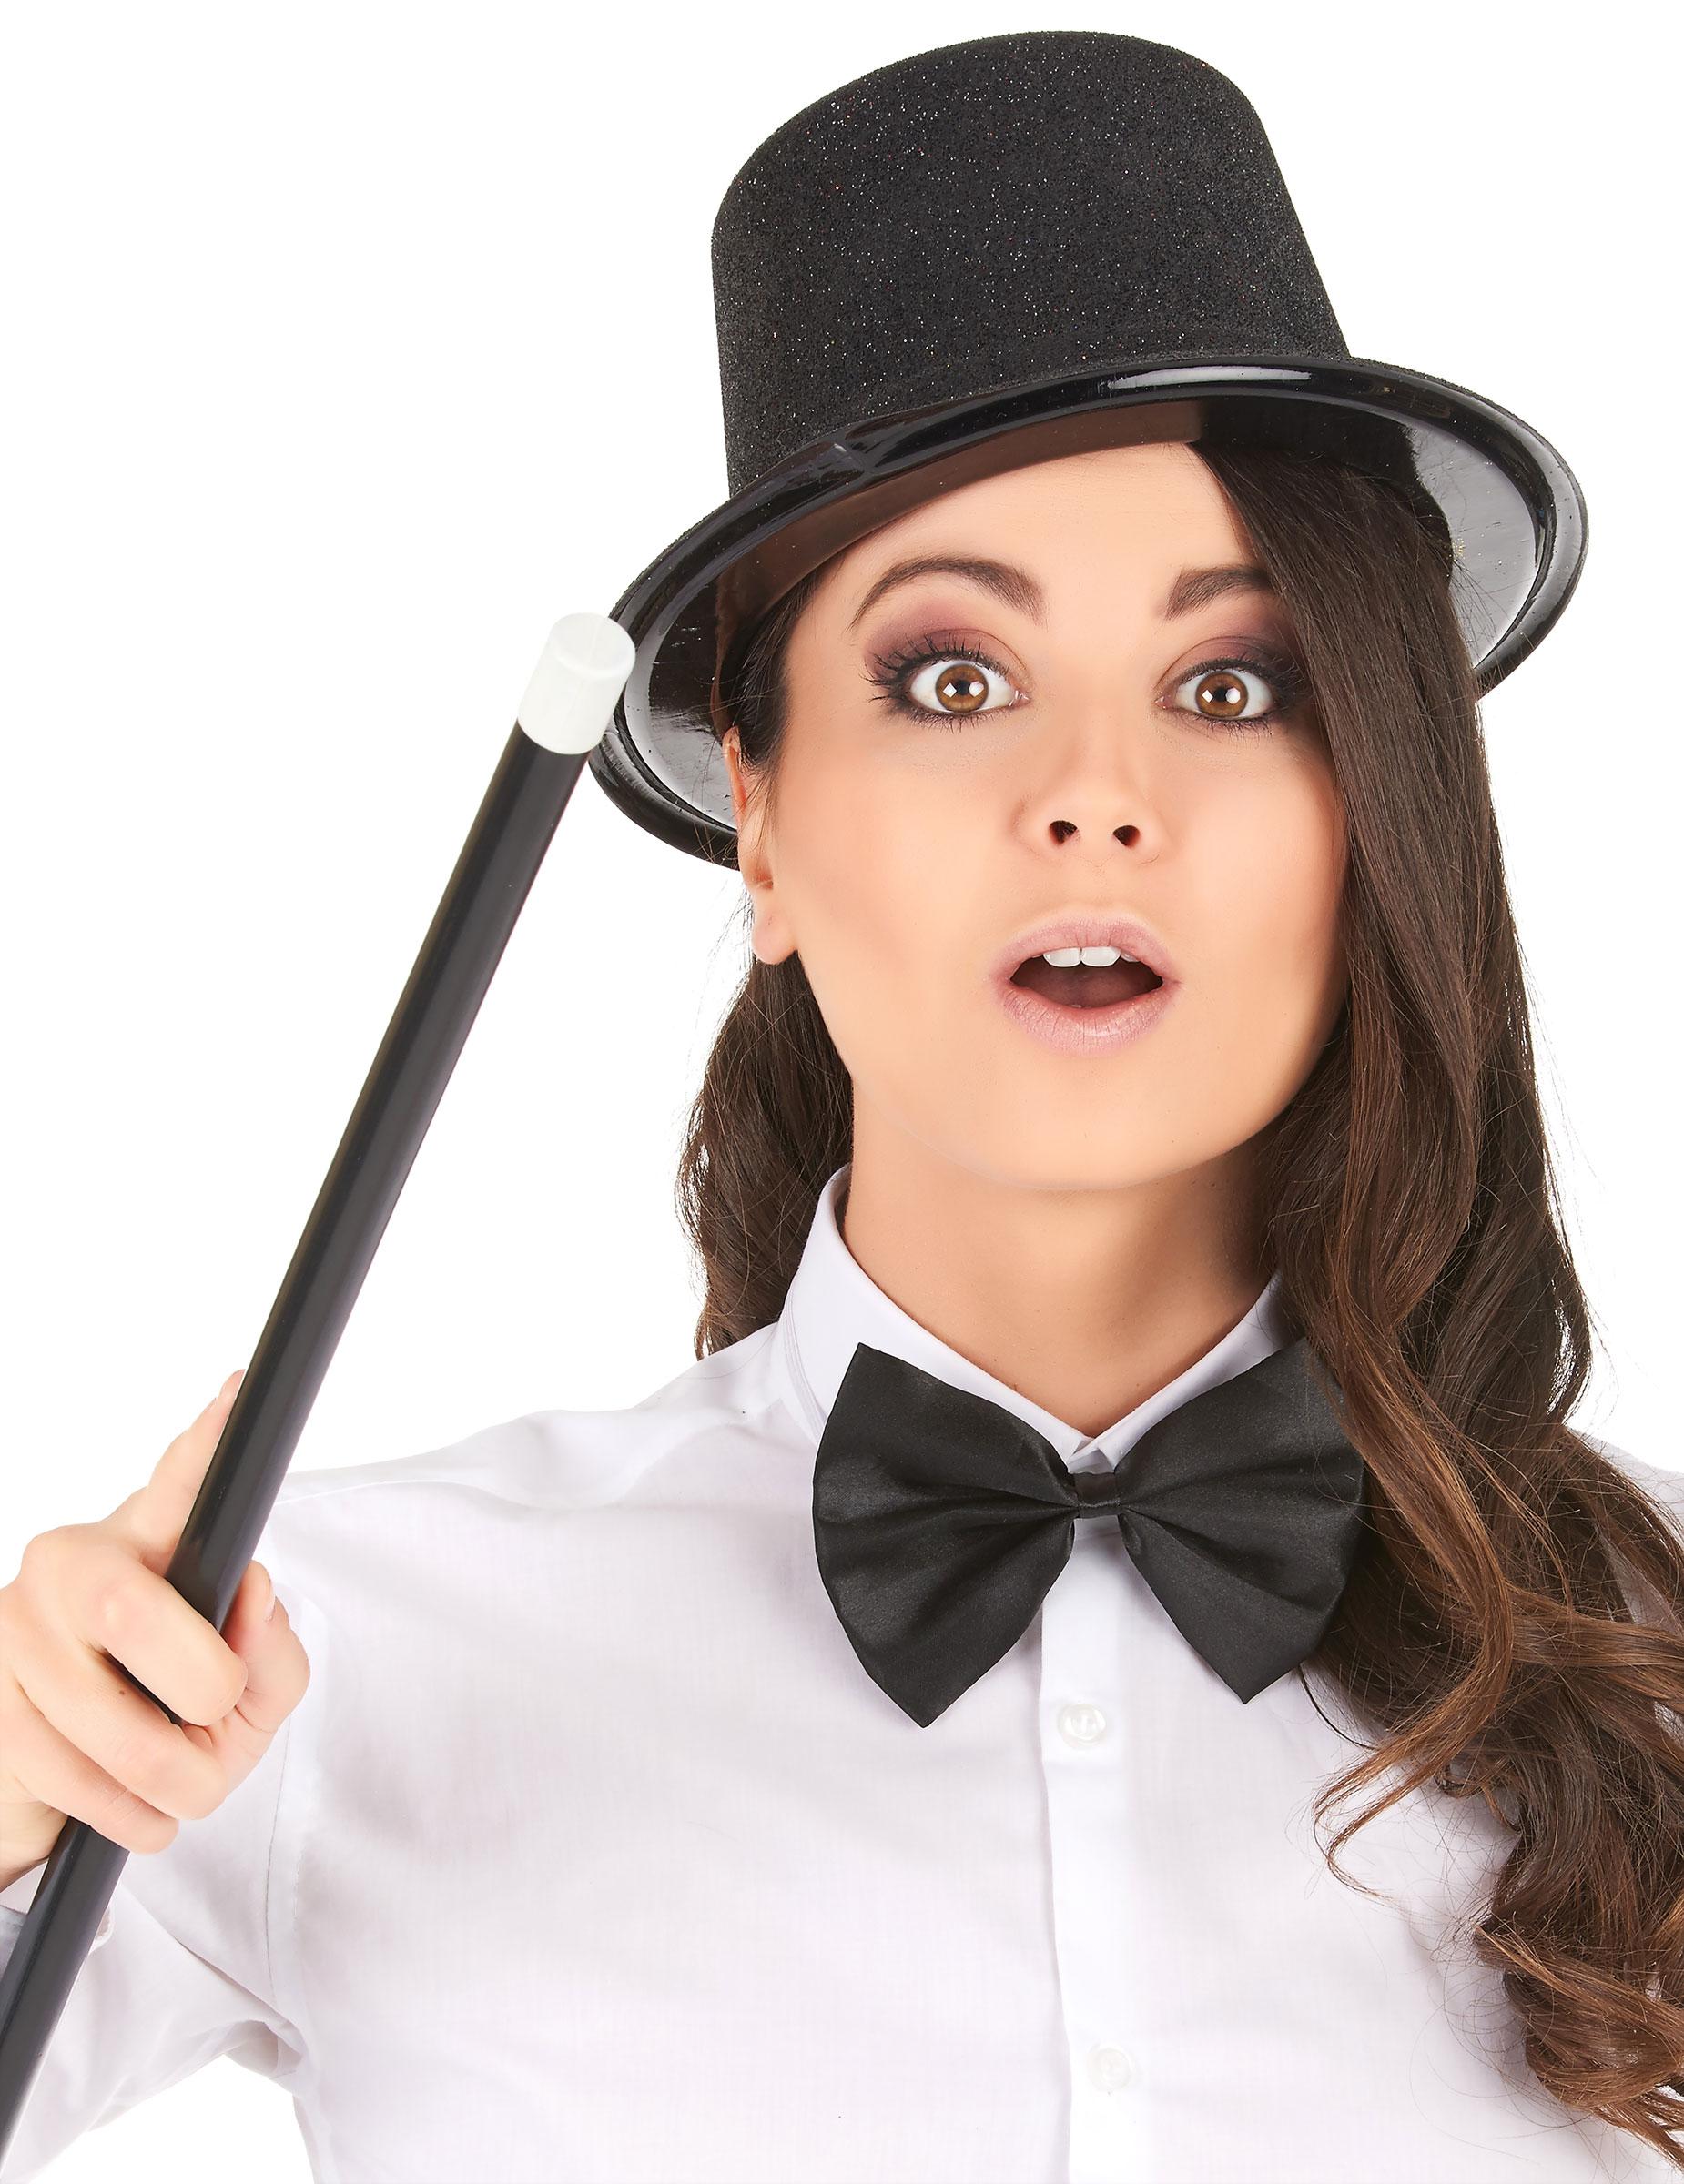 Sombrero de copa de plástico con brillantina negro adulto  Sombreros ... 6683f107ce7